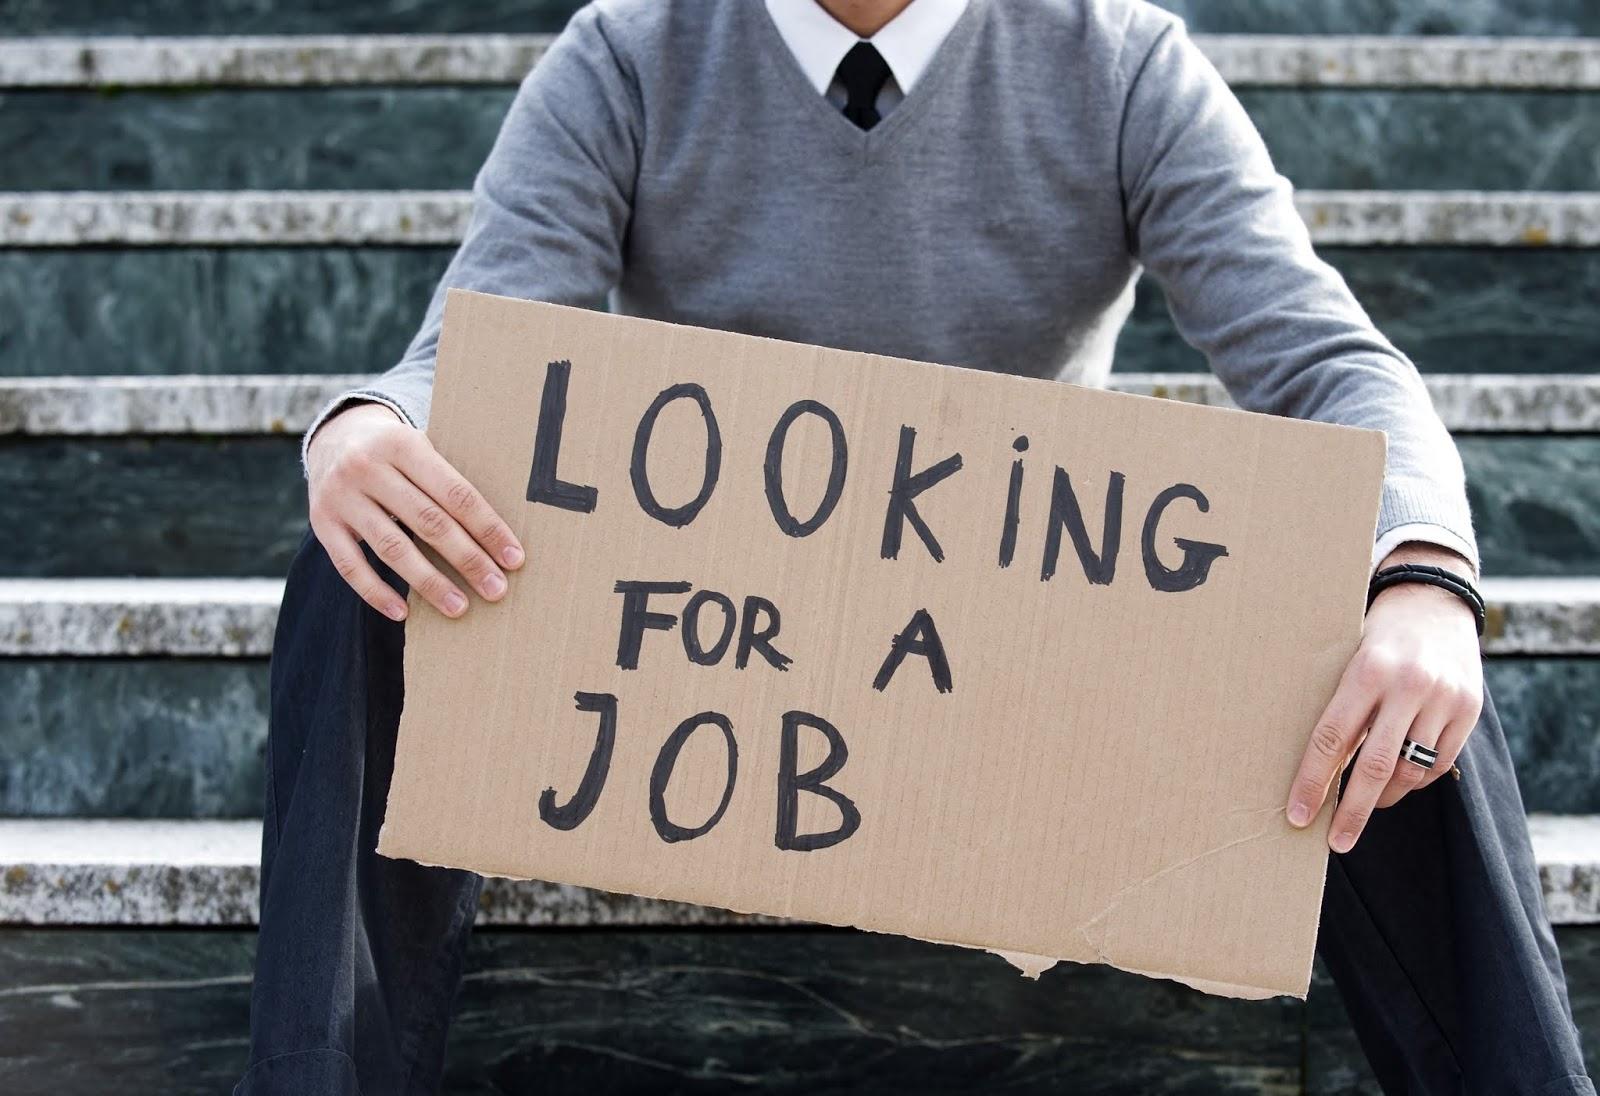 Làm gì khi thất nghiệp? Đây là 10 lời khuyên của chuyên gia